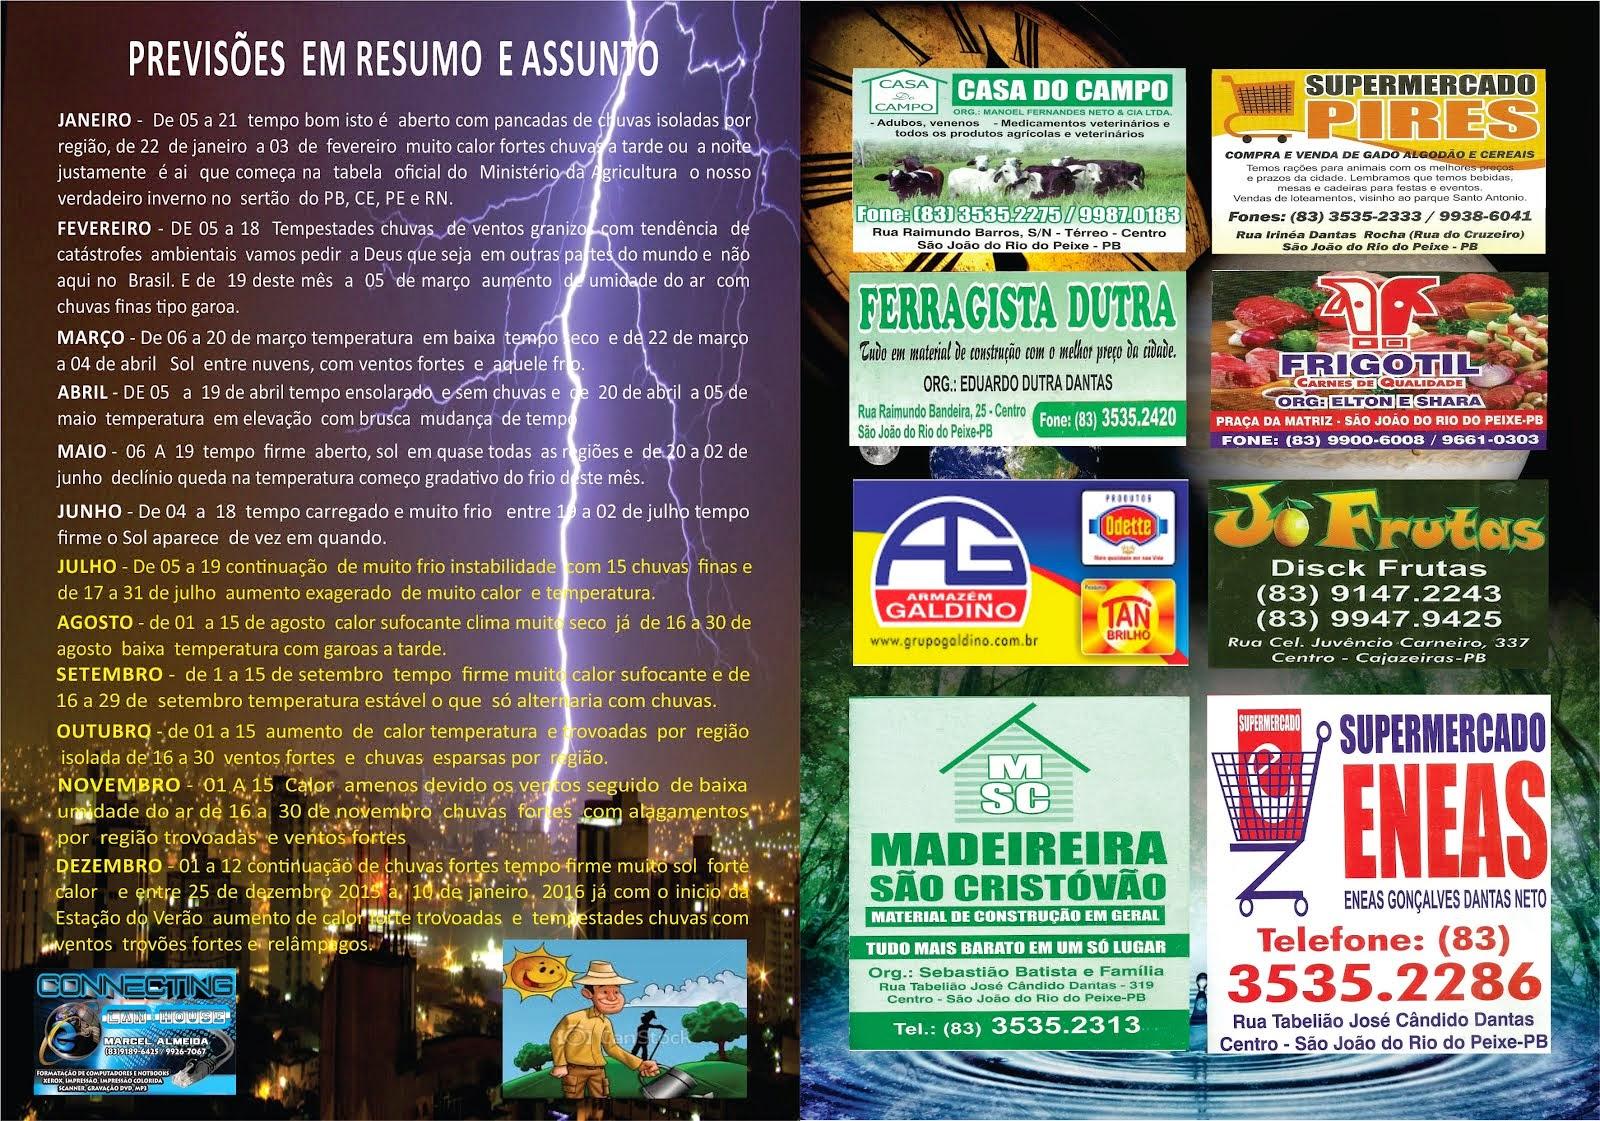 CONTRA CAPA DO ALMANAQUE DO SERTÃO ANO  2015  UMA  DAS PREVISÕES